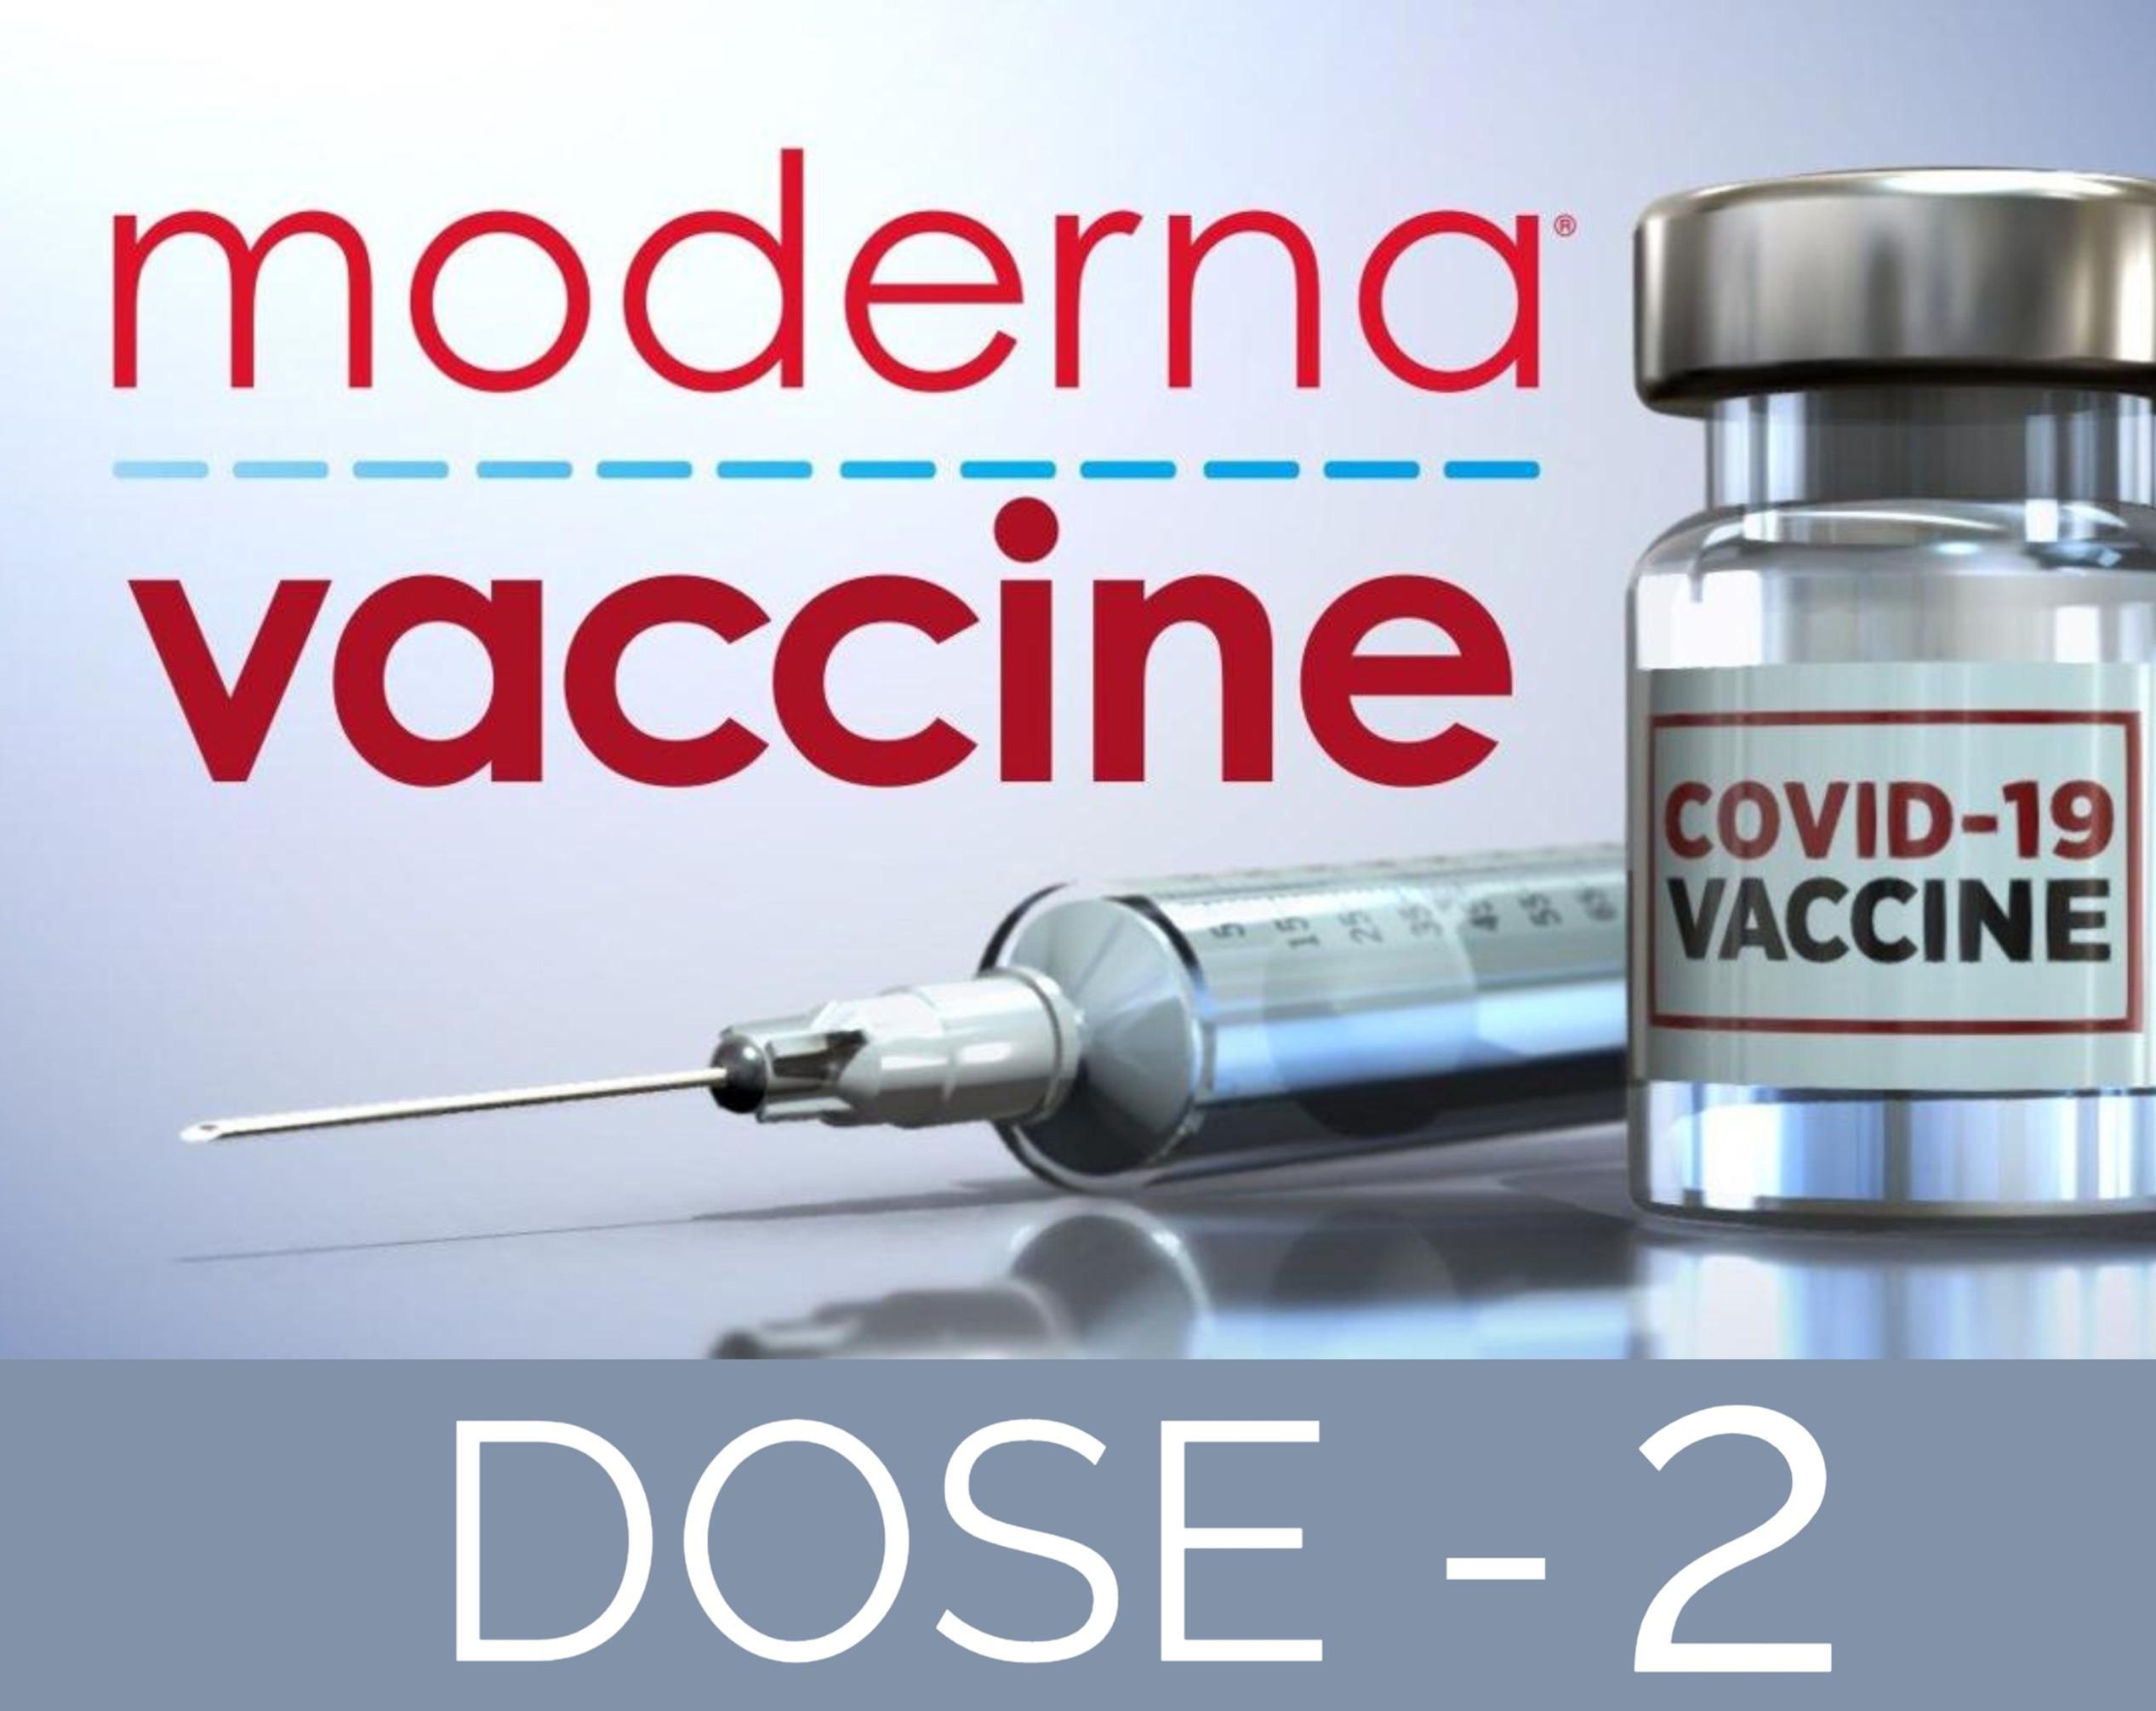 Dose 2 - Moderna COVID-19 Vaccine